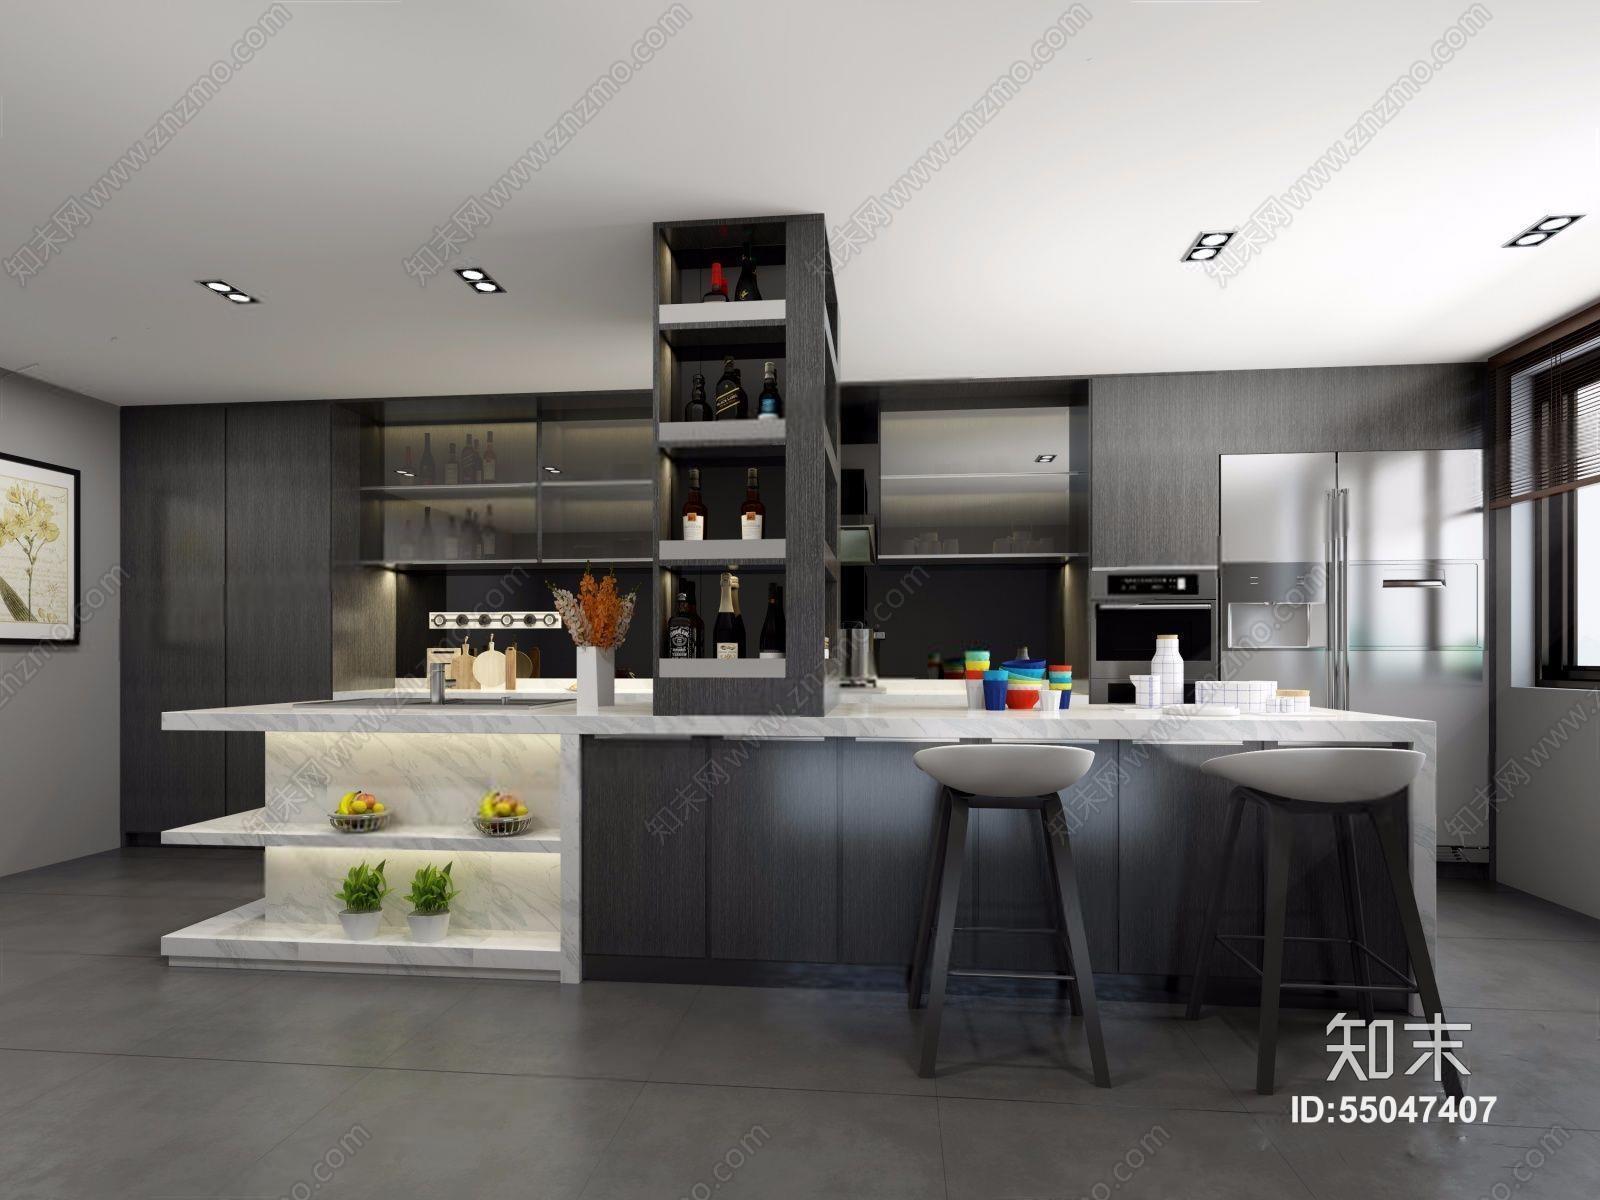 知末3d模型库提供精美好看的现代 家居开放厨房效果图素材免费下载,本作品主题是现代厨房 现代厨房 吧台 吧椅 橱柜 双开门冰箱 厨具,ID是55047407,格式是MAX 2014,建议使用3Dmax 2012 软件打开,该现代家居开放厨房图片素材大小是41.01M,灯光详情:VR灯光,材质贴图:VR材质有贴图。现代厨房 现代厨房 吧台 吧椅 橱柜 双开门冰箱 厨具是由室内设计师惹人爱 Triste上传.